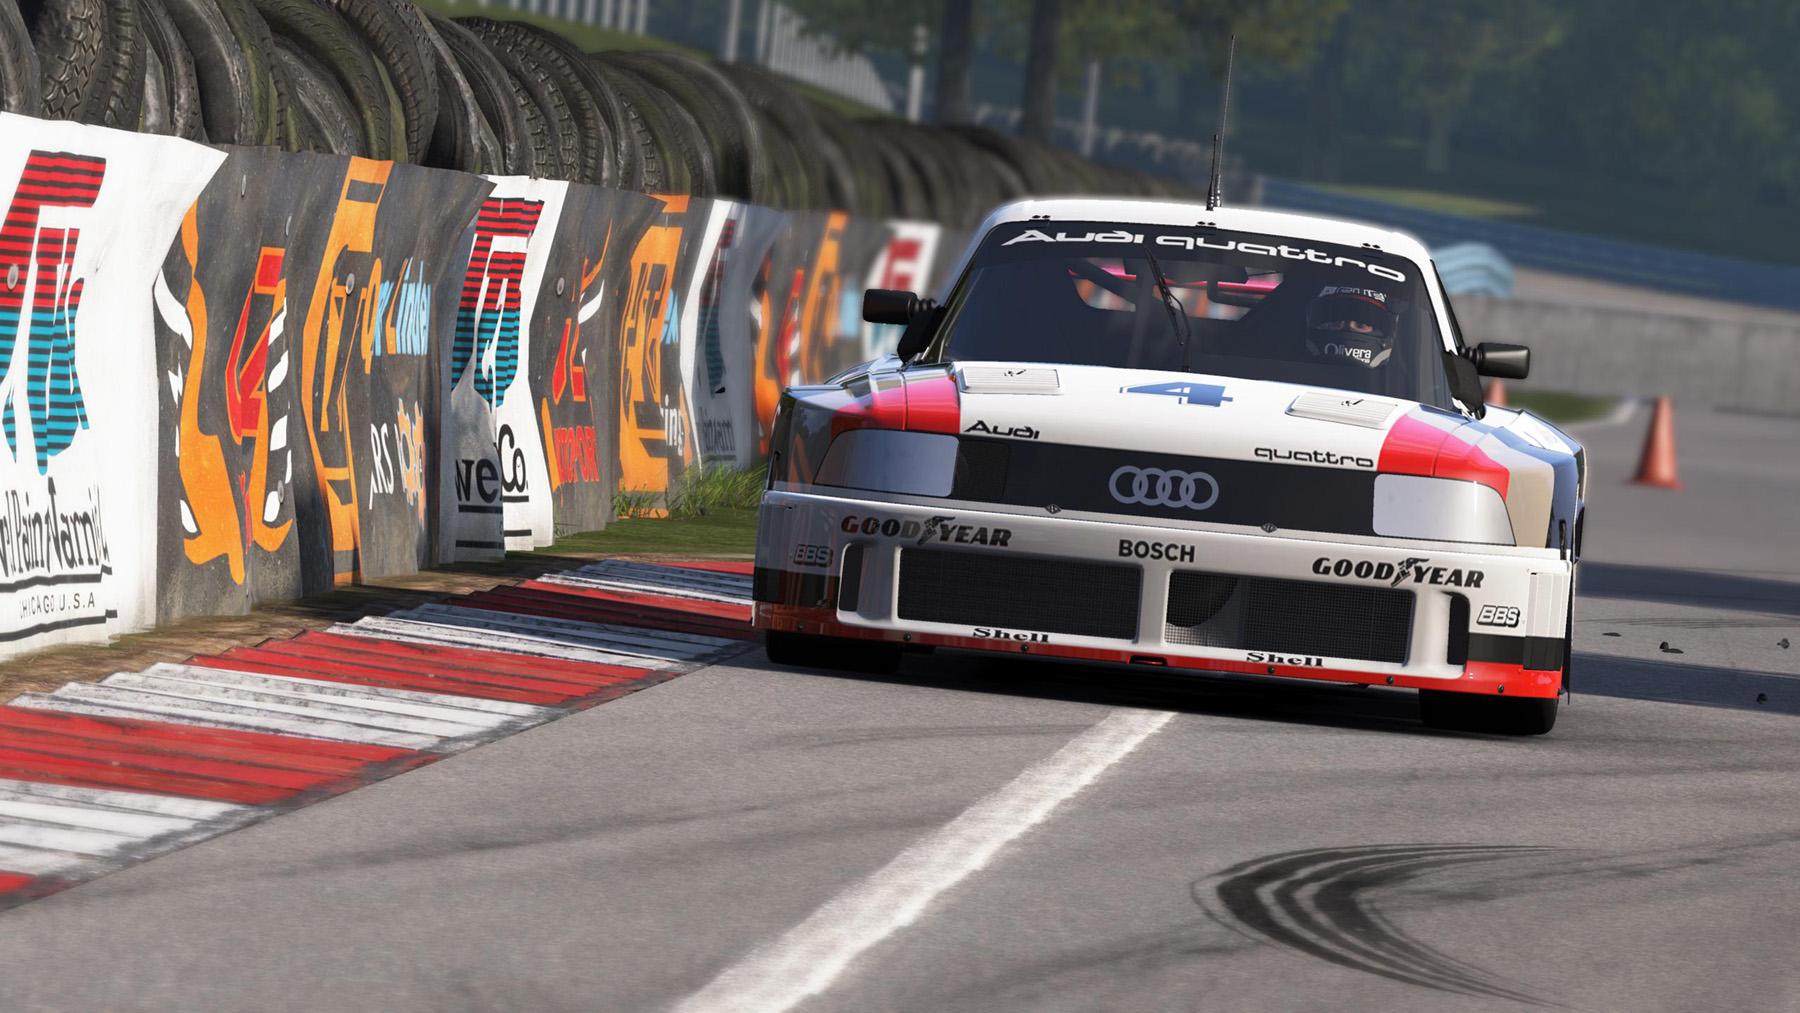 Project Cars dostal nový okruh a vozy značky Audi 111685